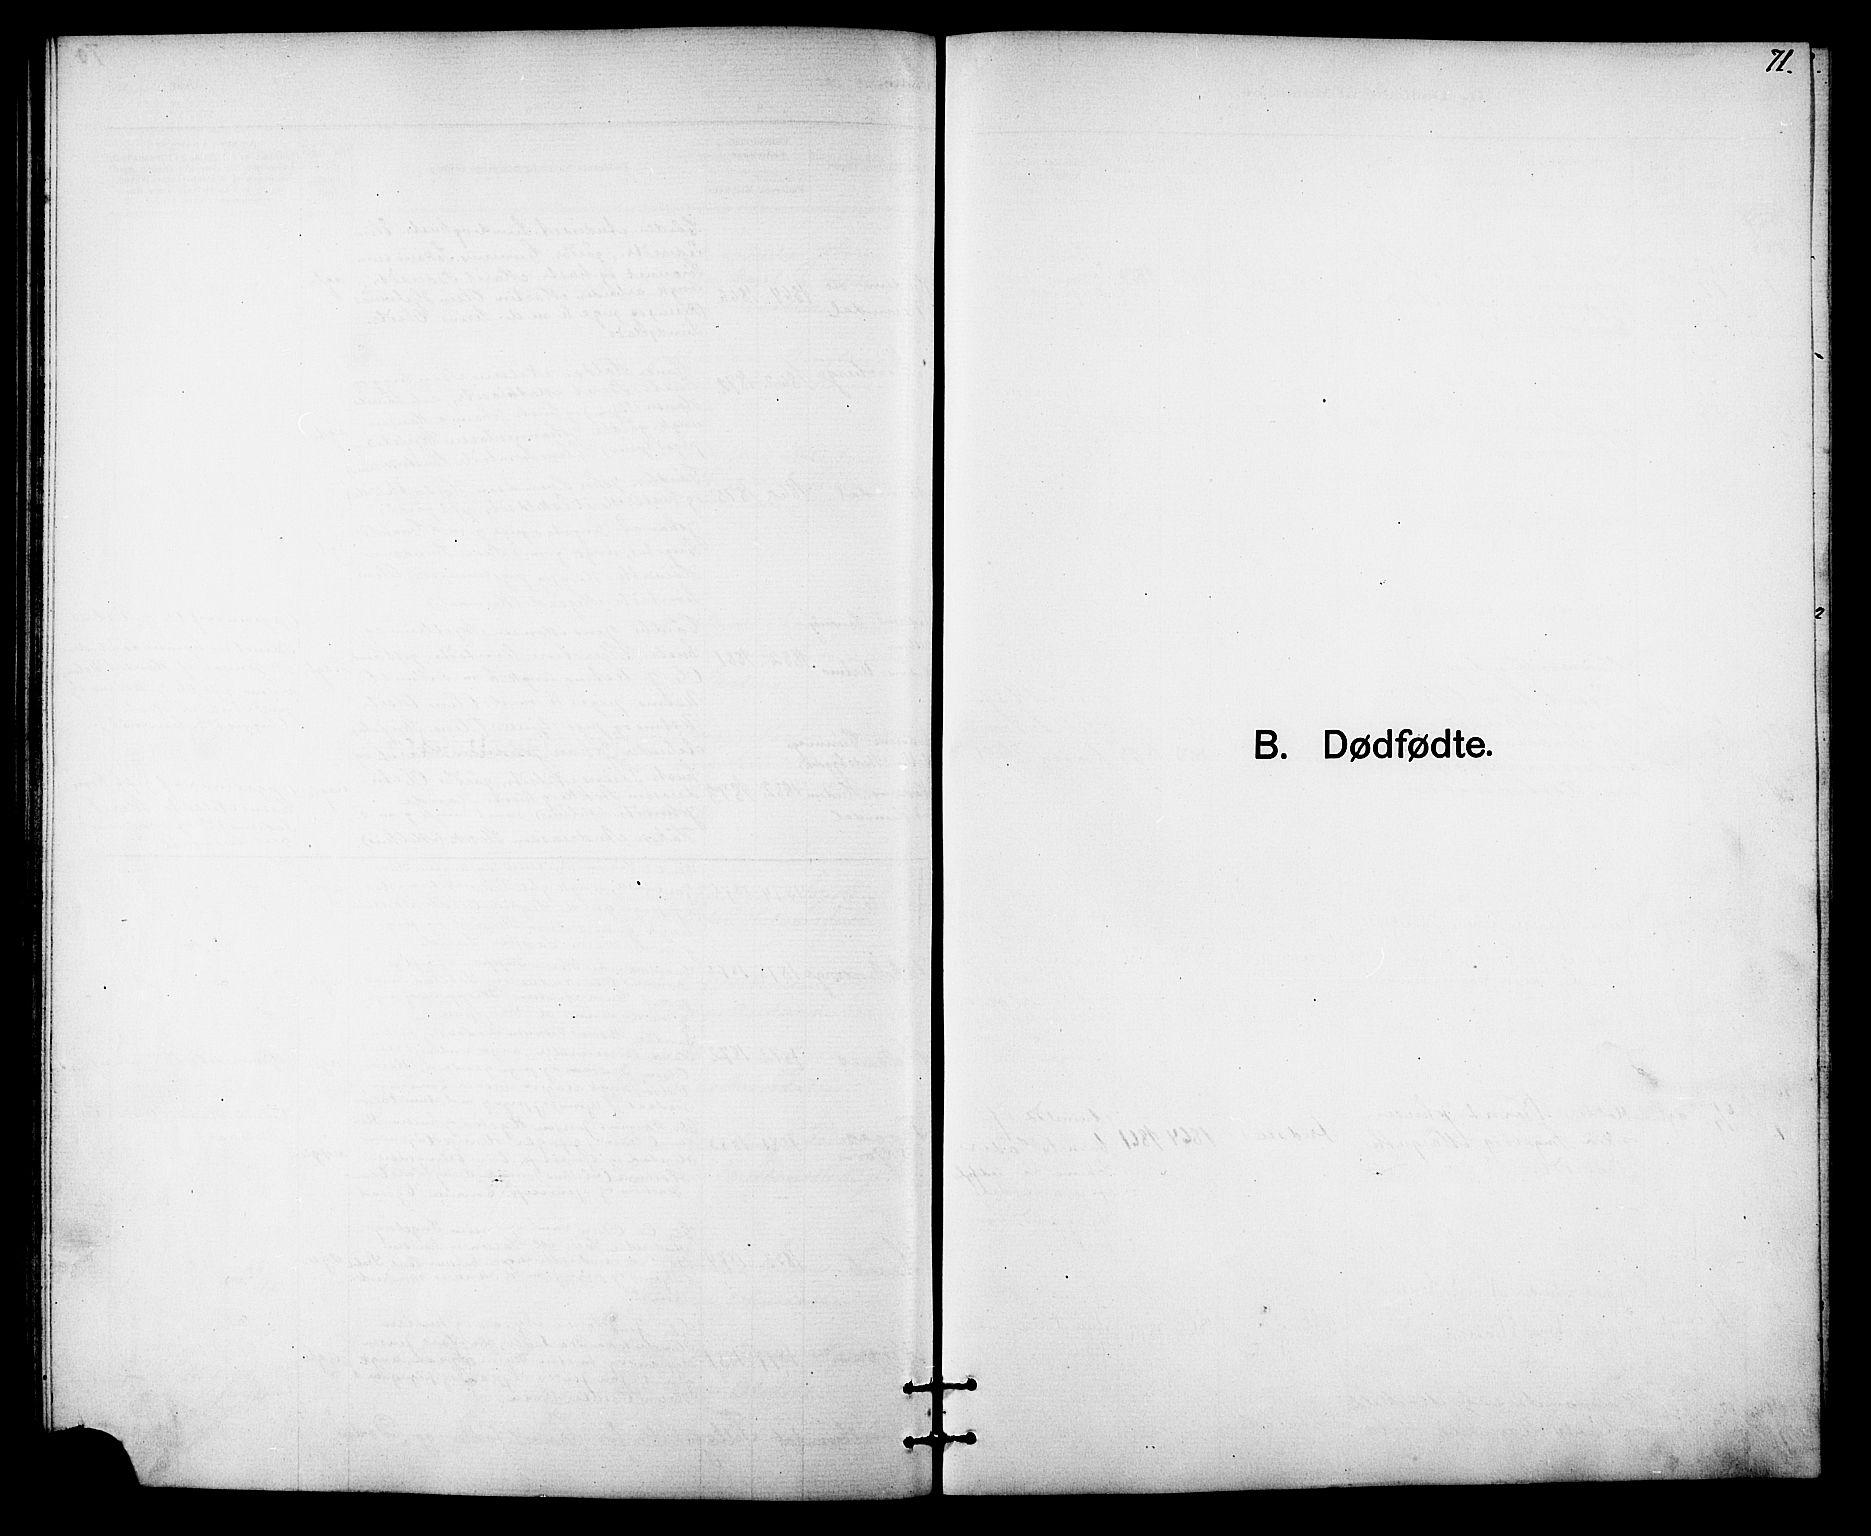 SAT, Ministerialprotokoller, klokkerbøker og fødselsregistre - Sør-Trøndelag, 613/L0395: Klokkerbok nr. 613C03, 1887-1909, s. 71